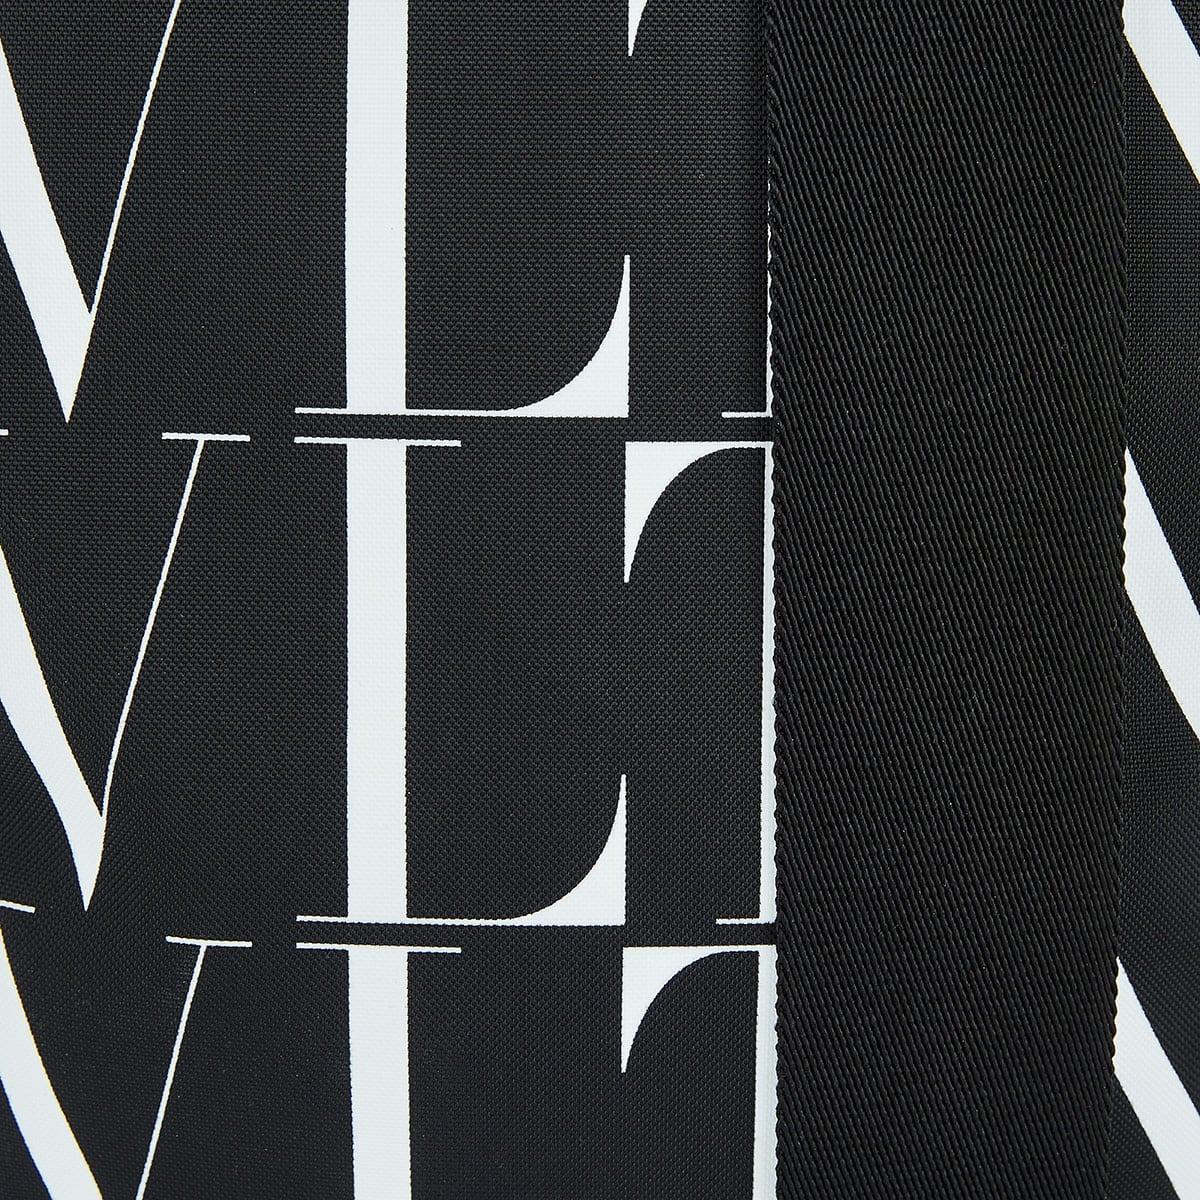 VLTN Times nylon crossbody bag